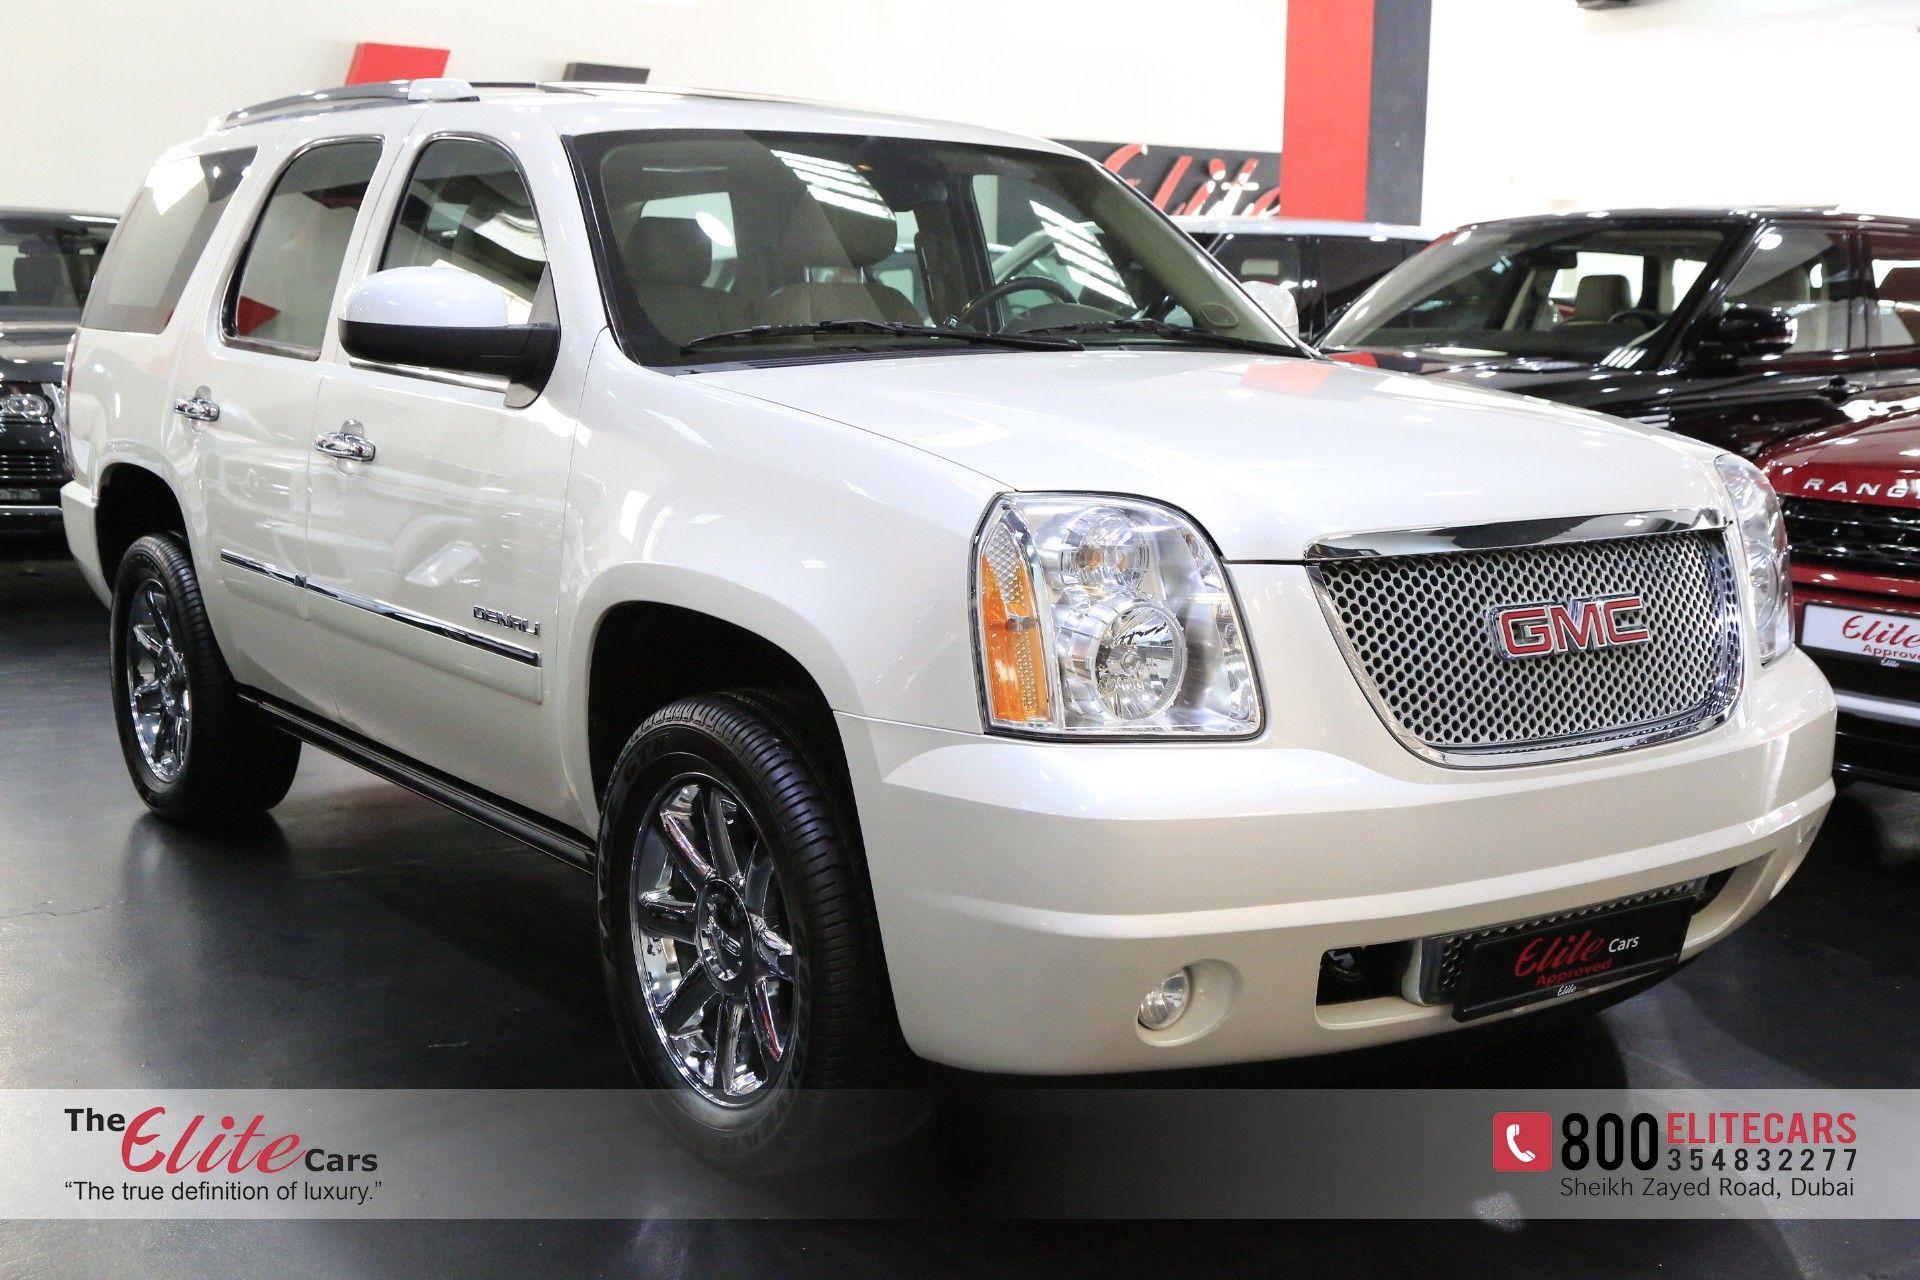 Gmc Yukon Denali 2012 For Sale In Dubai Aed 109 000 White Sold